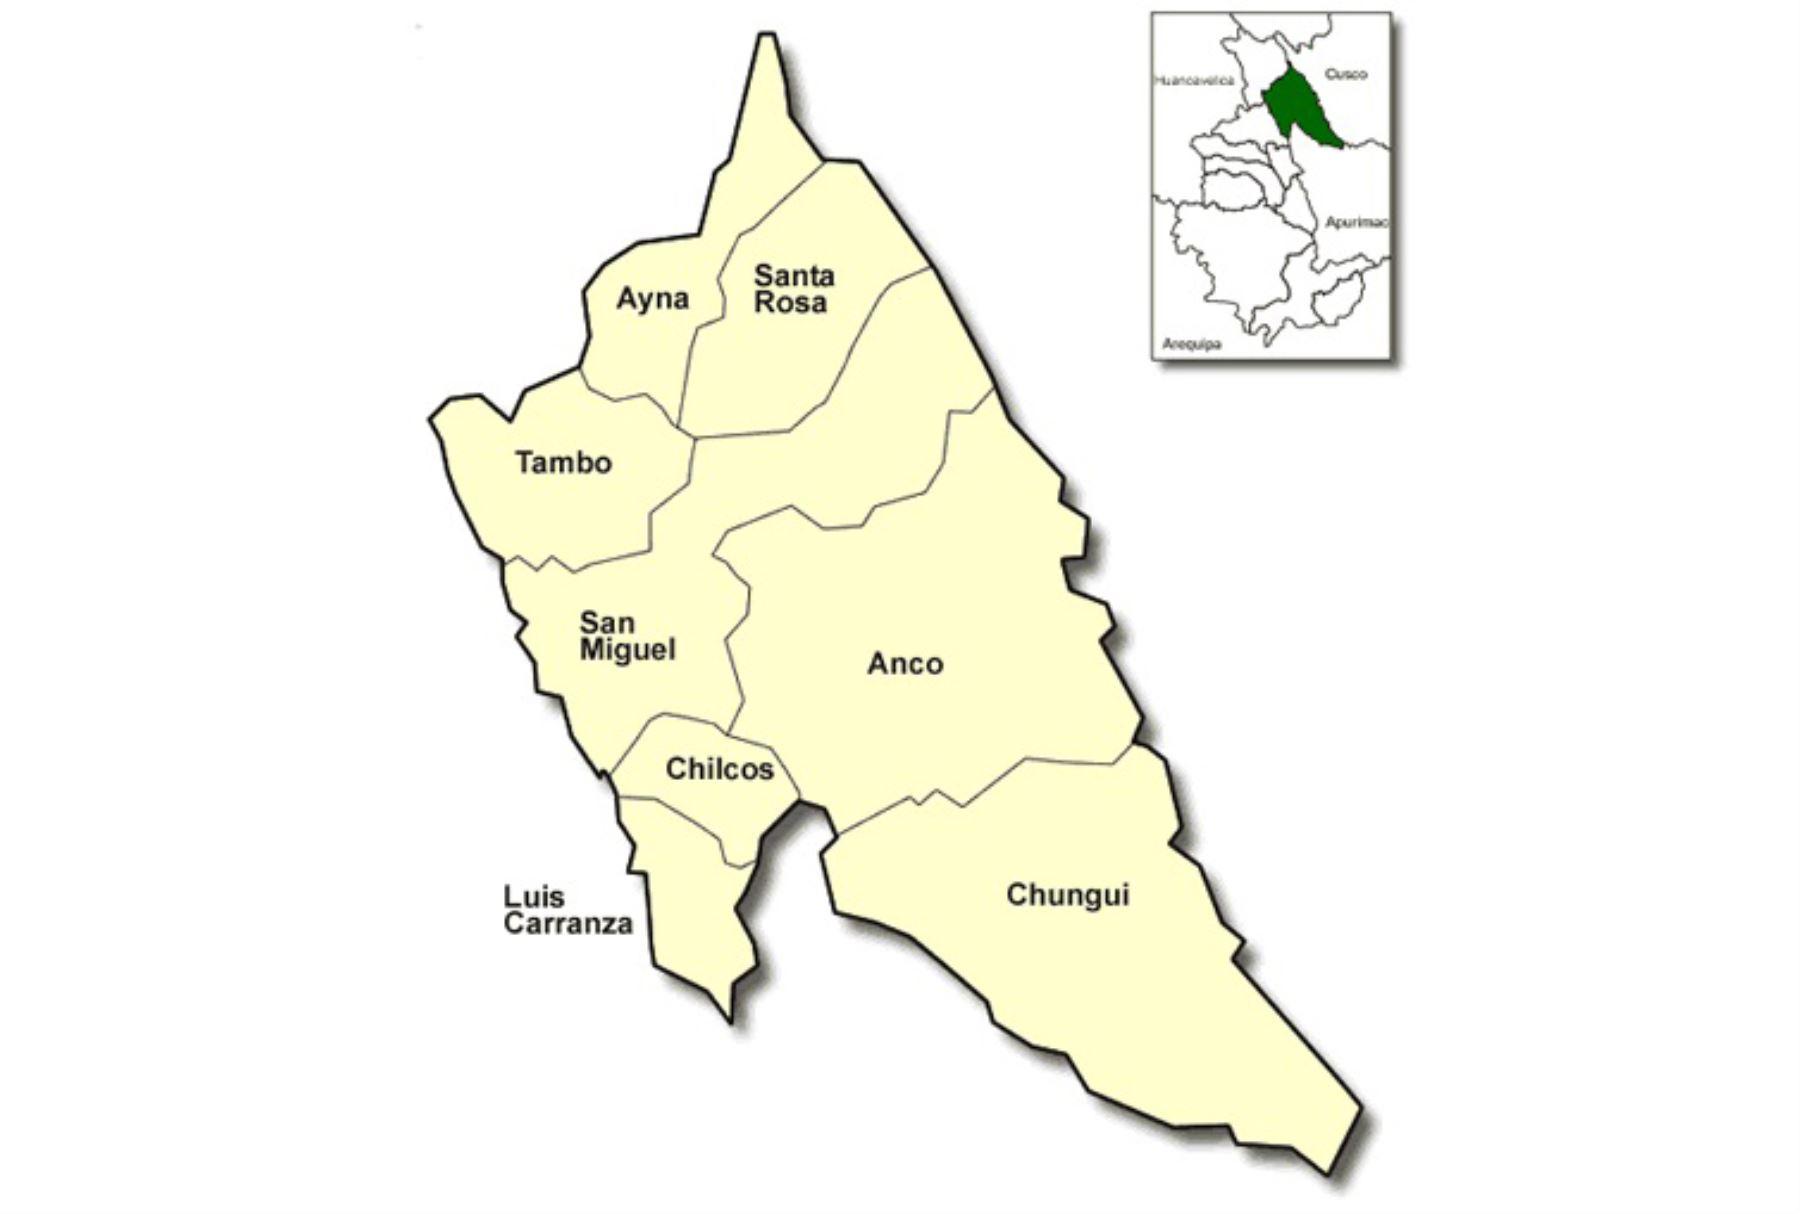 Mapa de la provincia de La Mar, en la región Ayacucho.